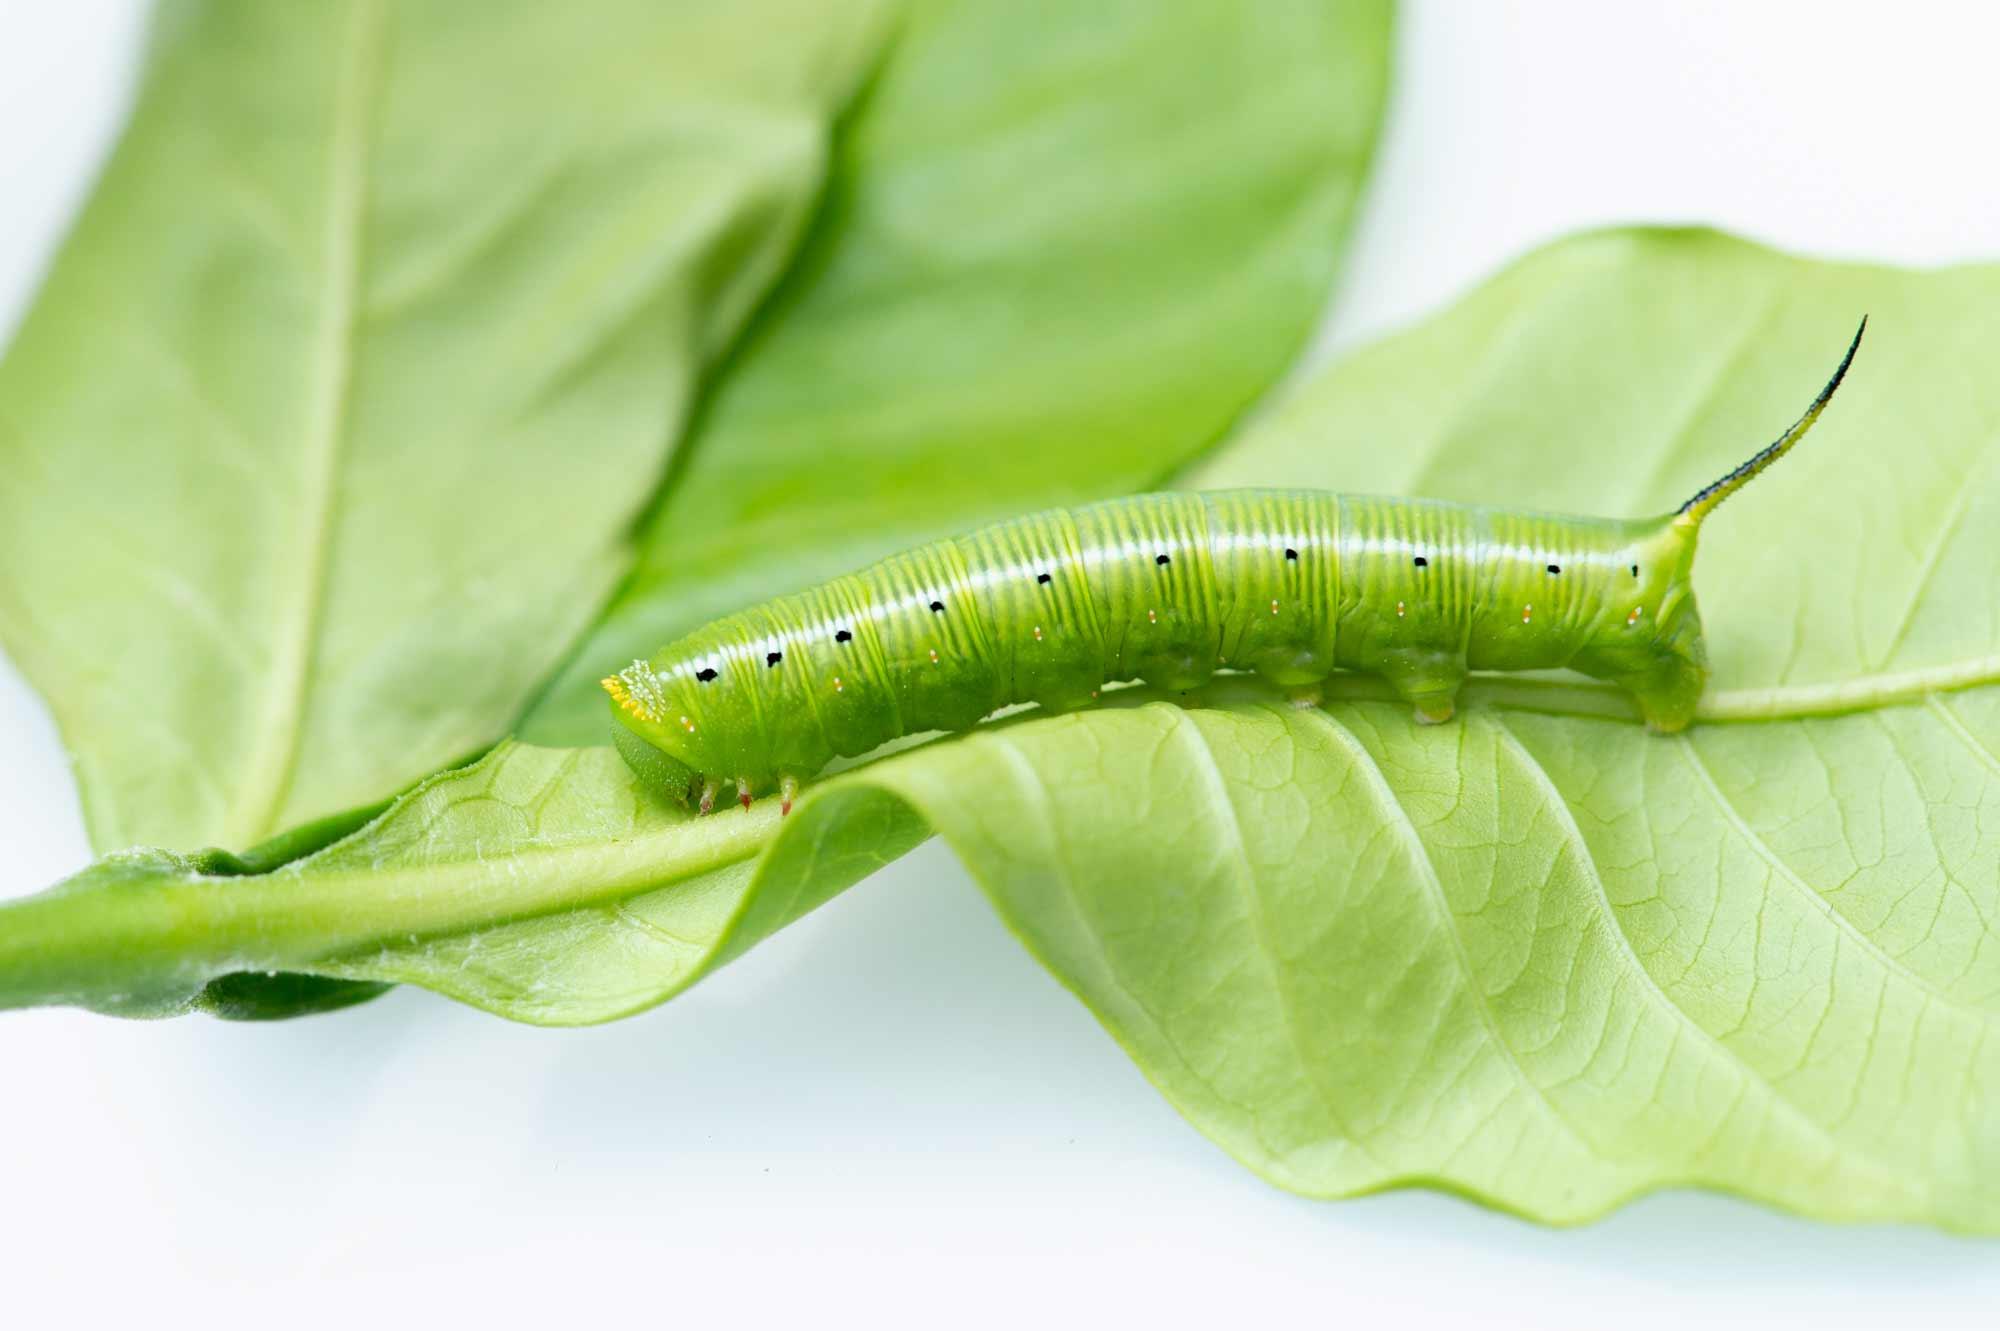 オオスカシバの幼虫の写真